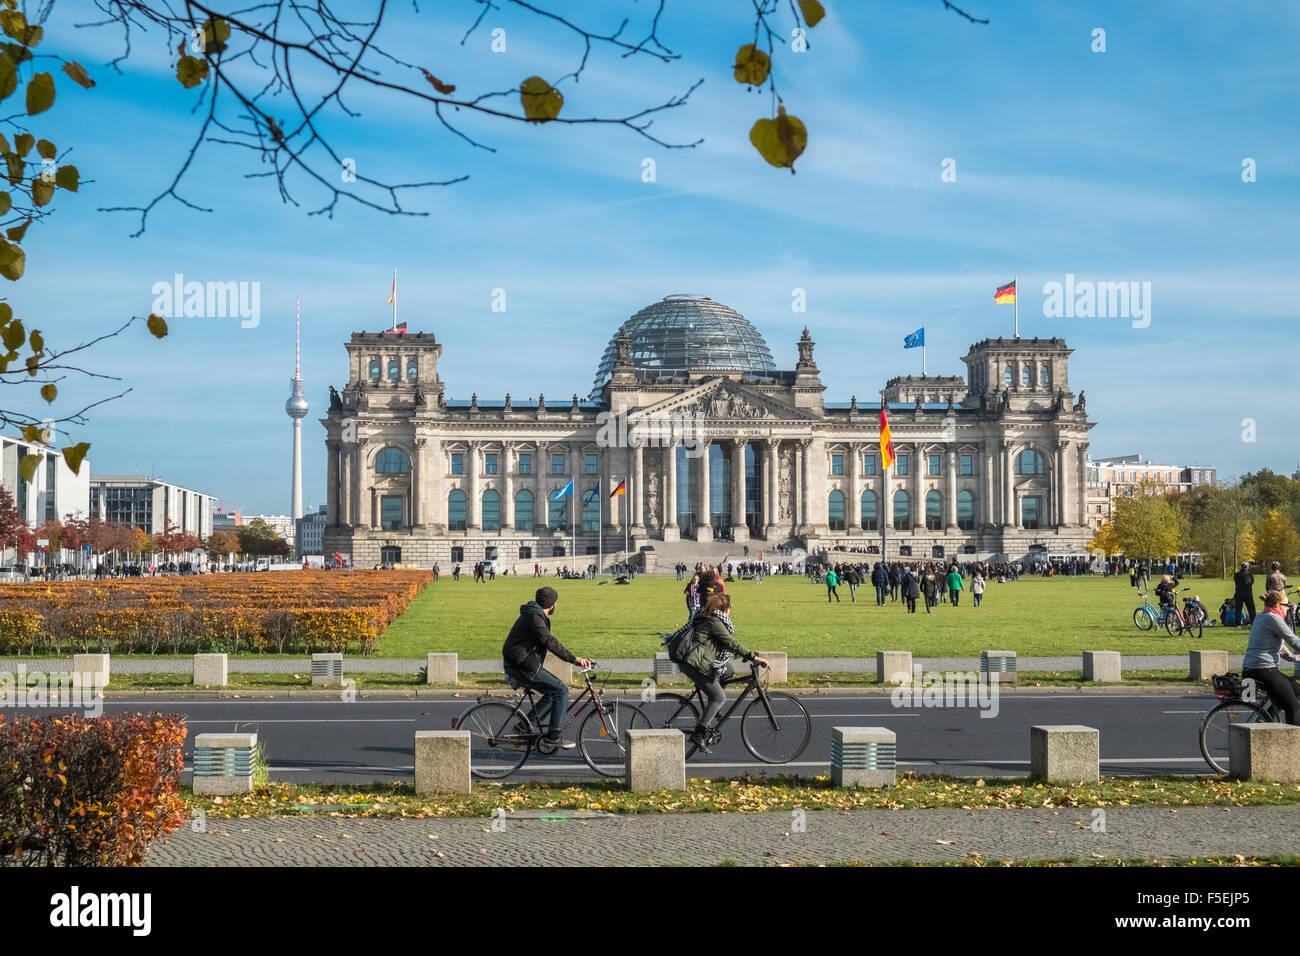 Edificio del Reichstag alemán y cúpula, con turistas en primer plano, Berlín, Alemania, Europa Imagen De Stock